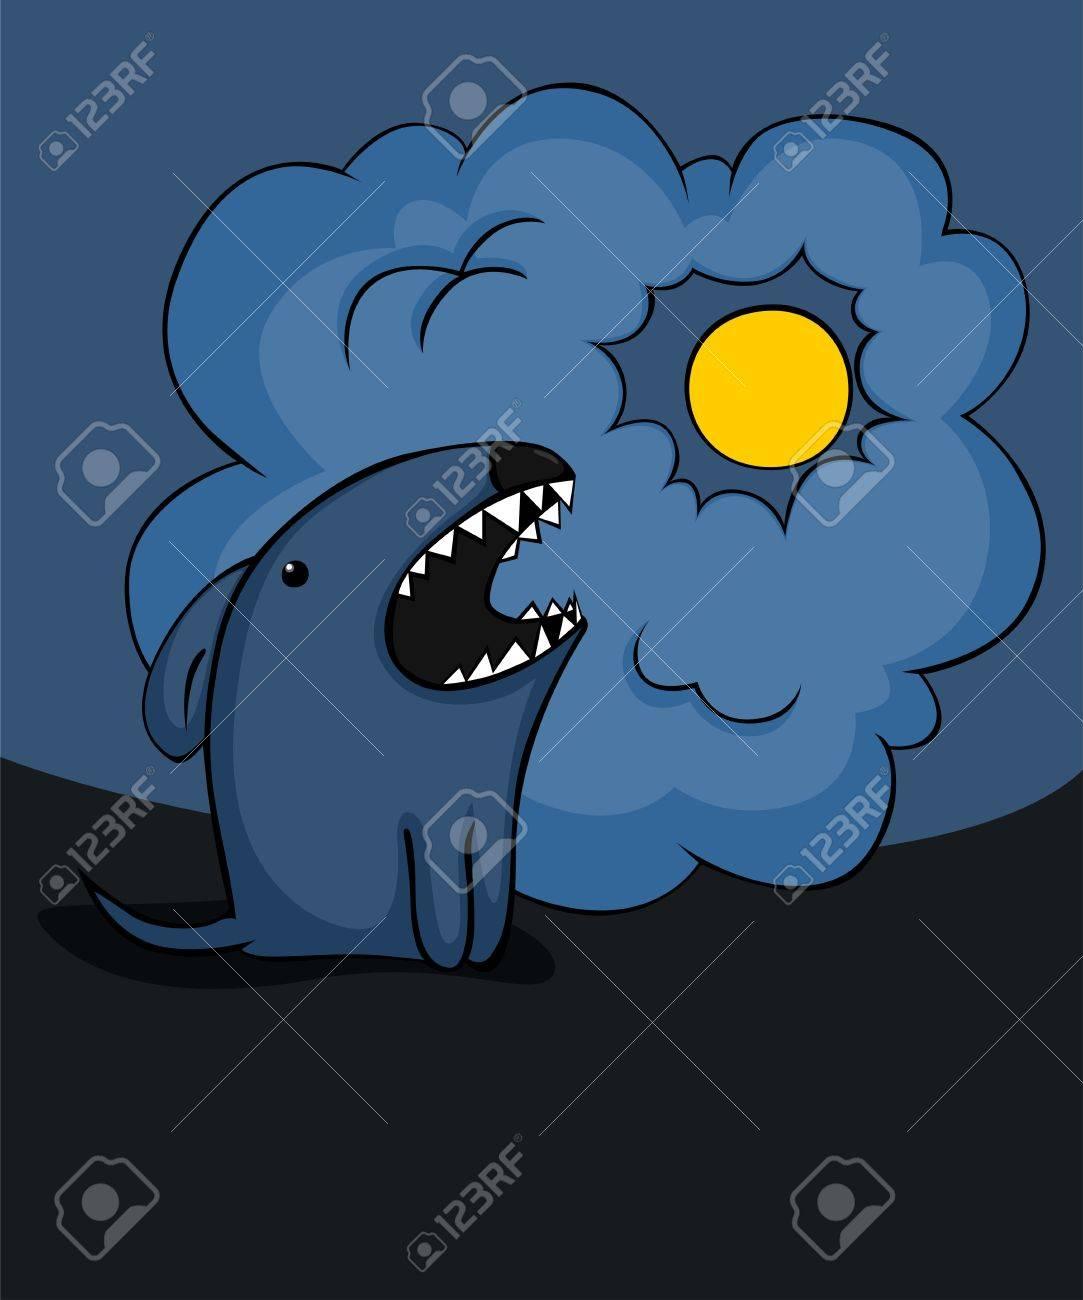 Spooky cartoon dog barking at the moon..